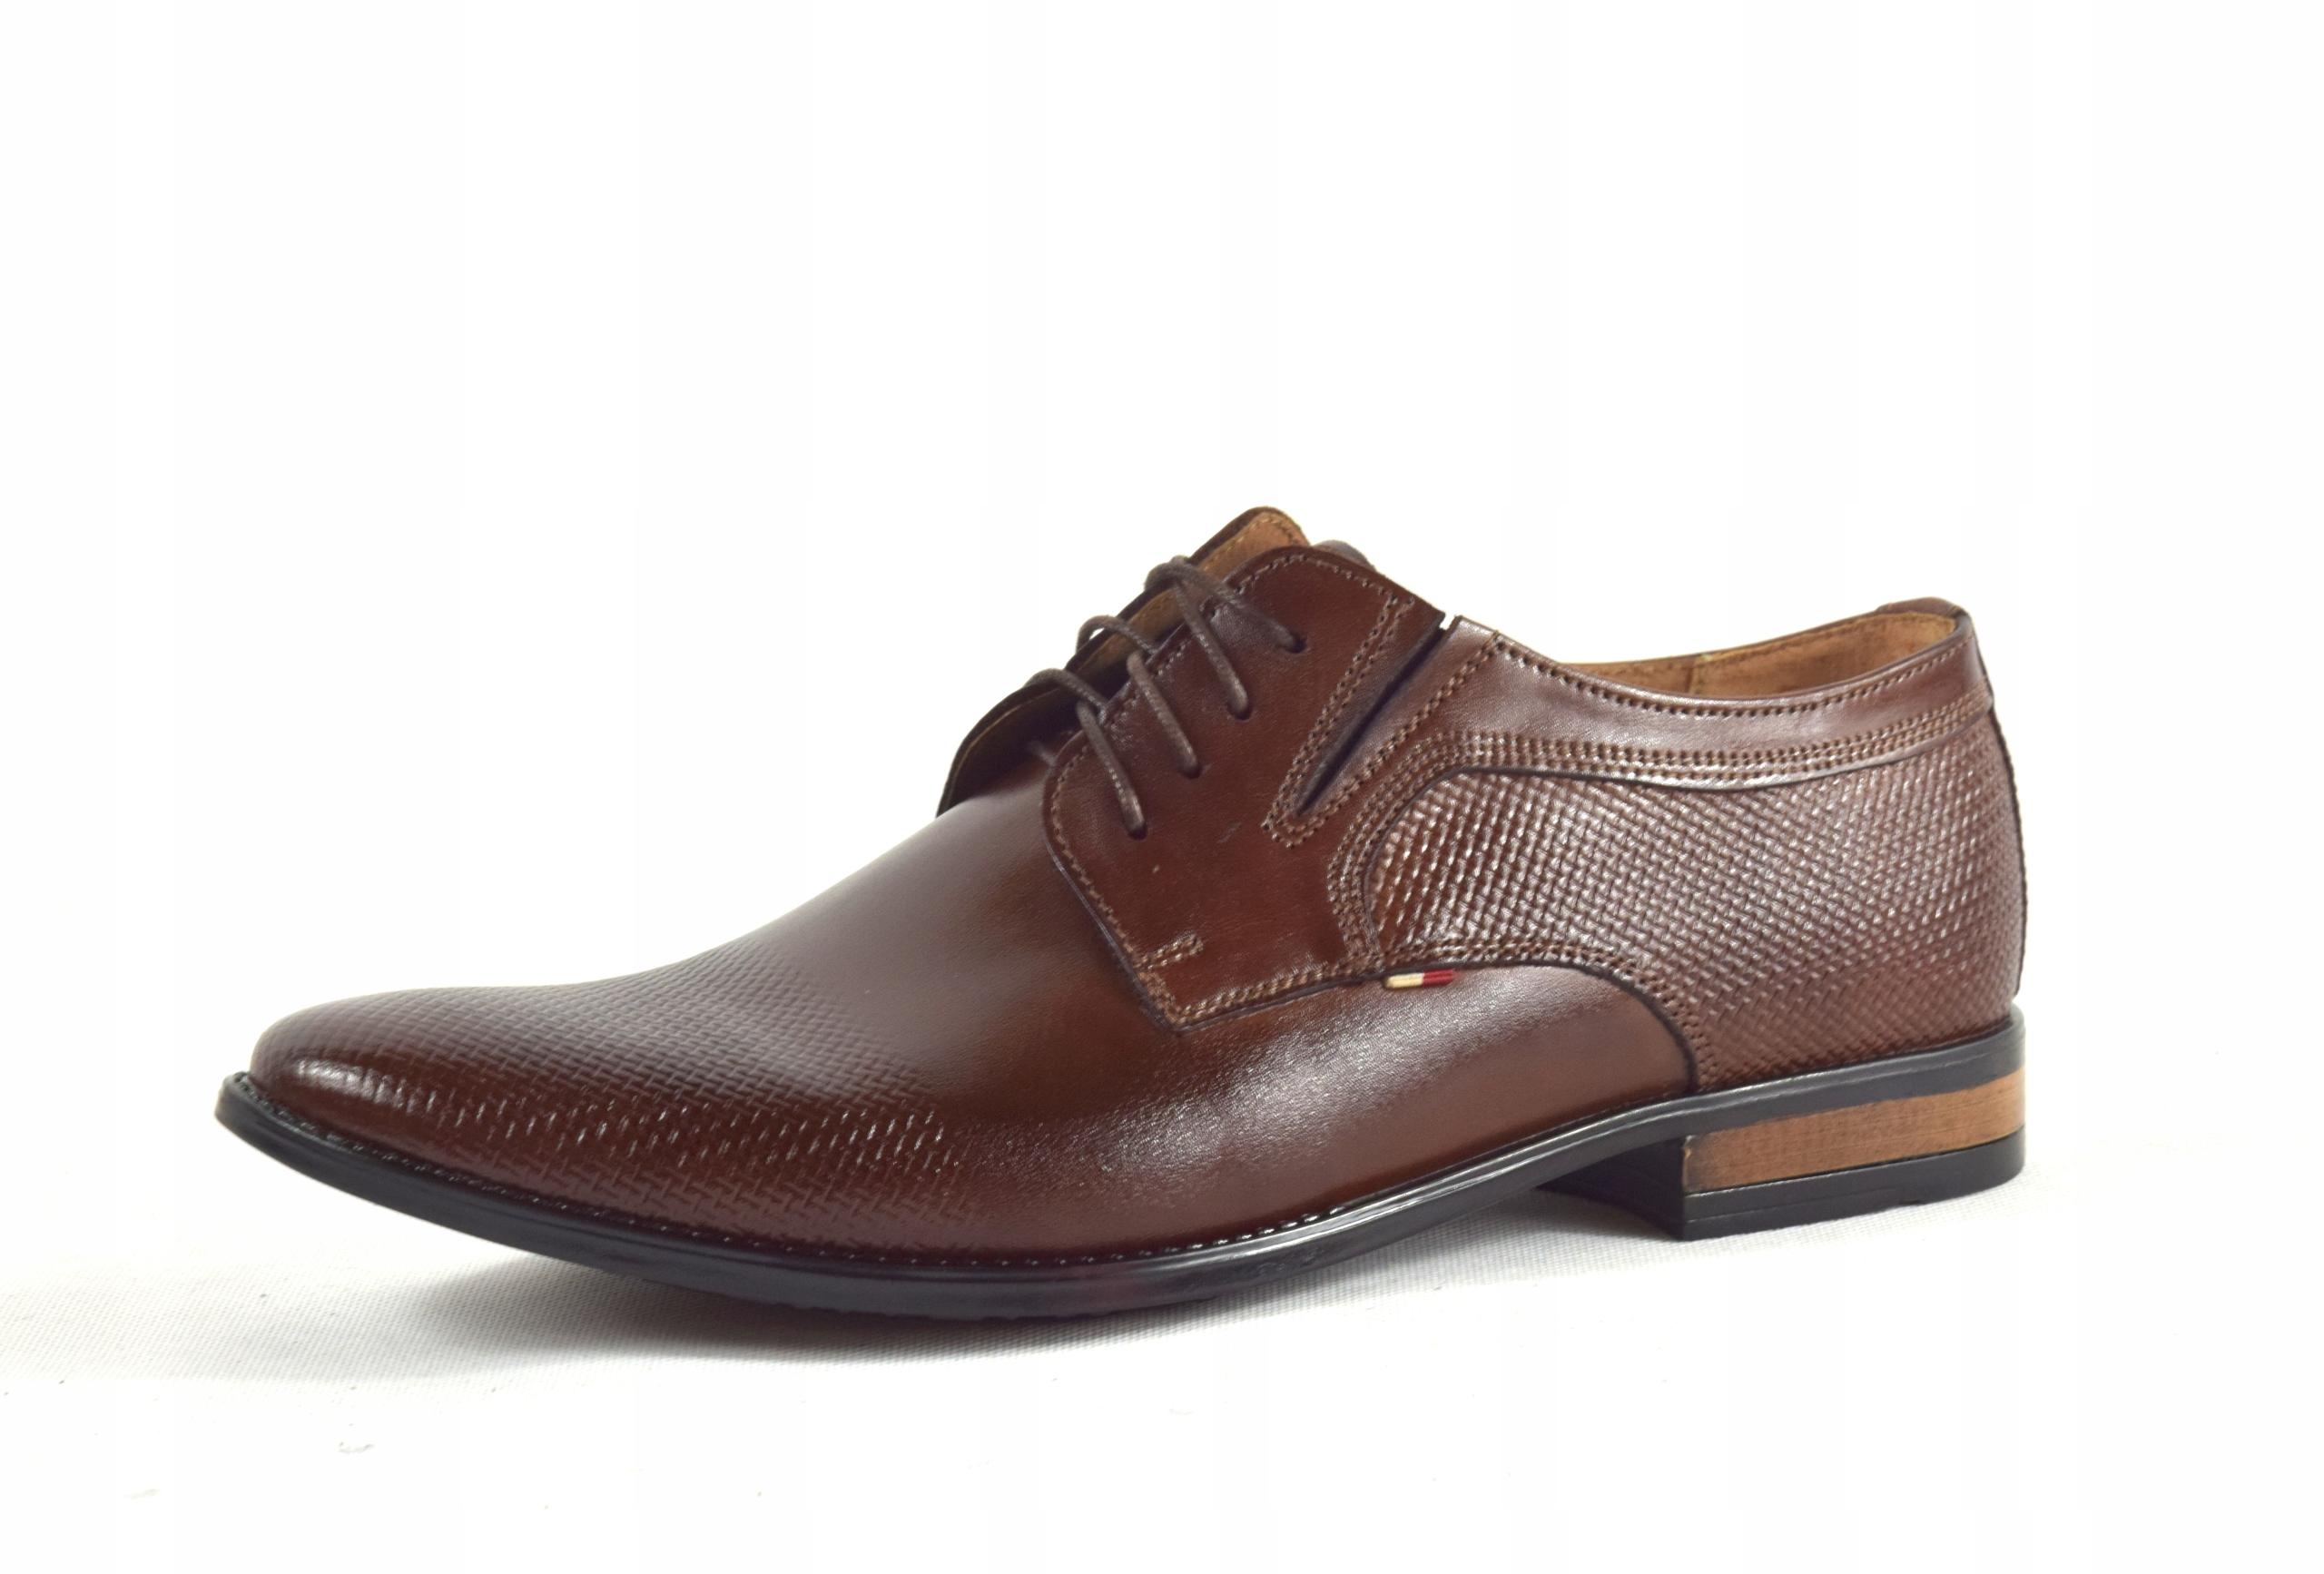 Buty męskie wizytowe skórzane brązowe obuwie 359/1